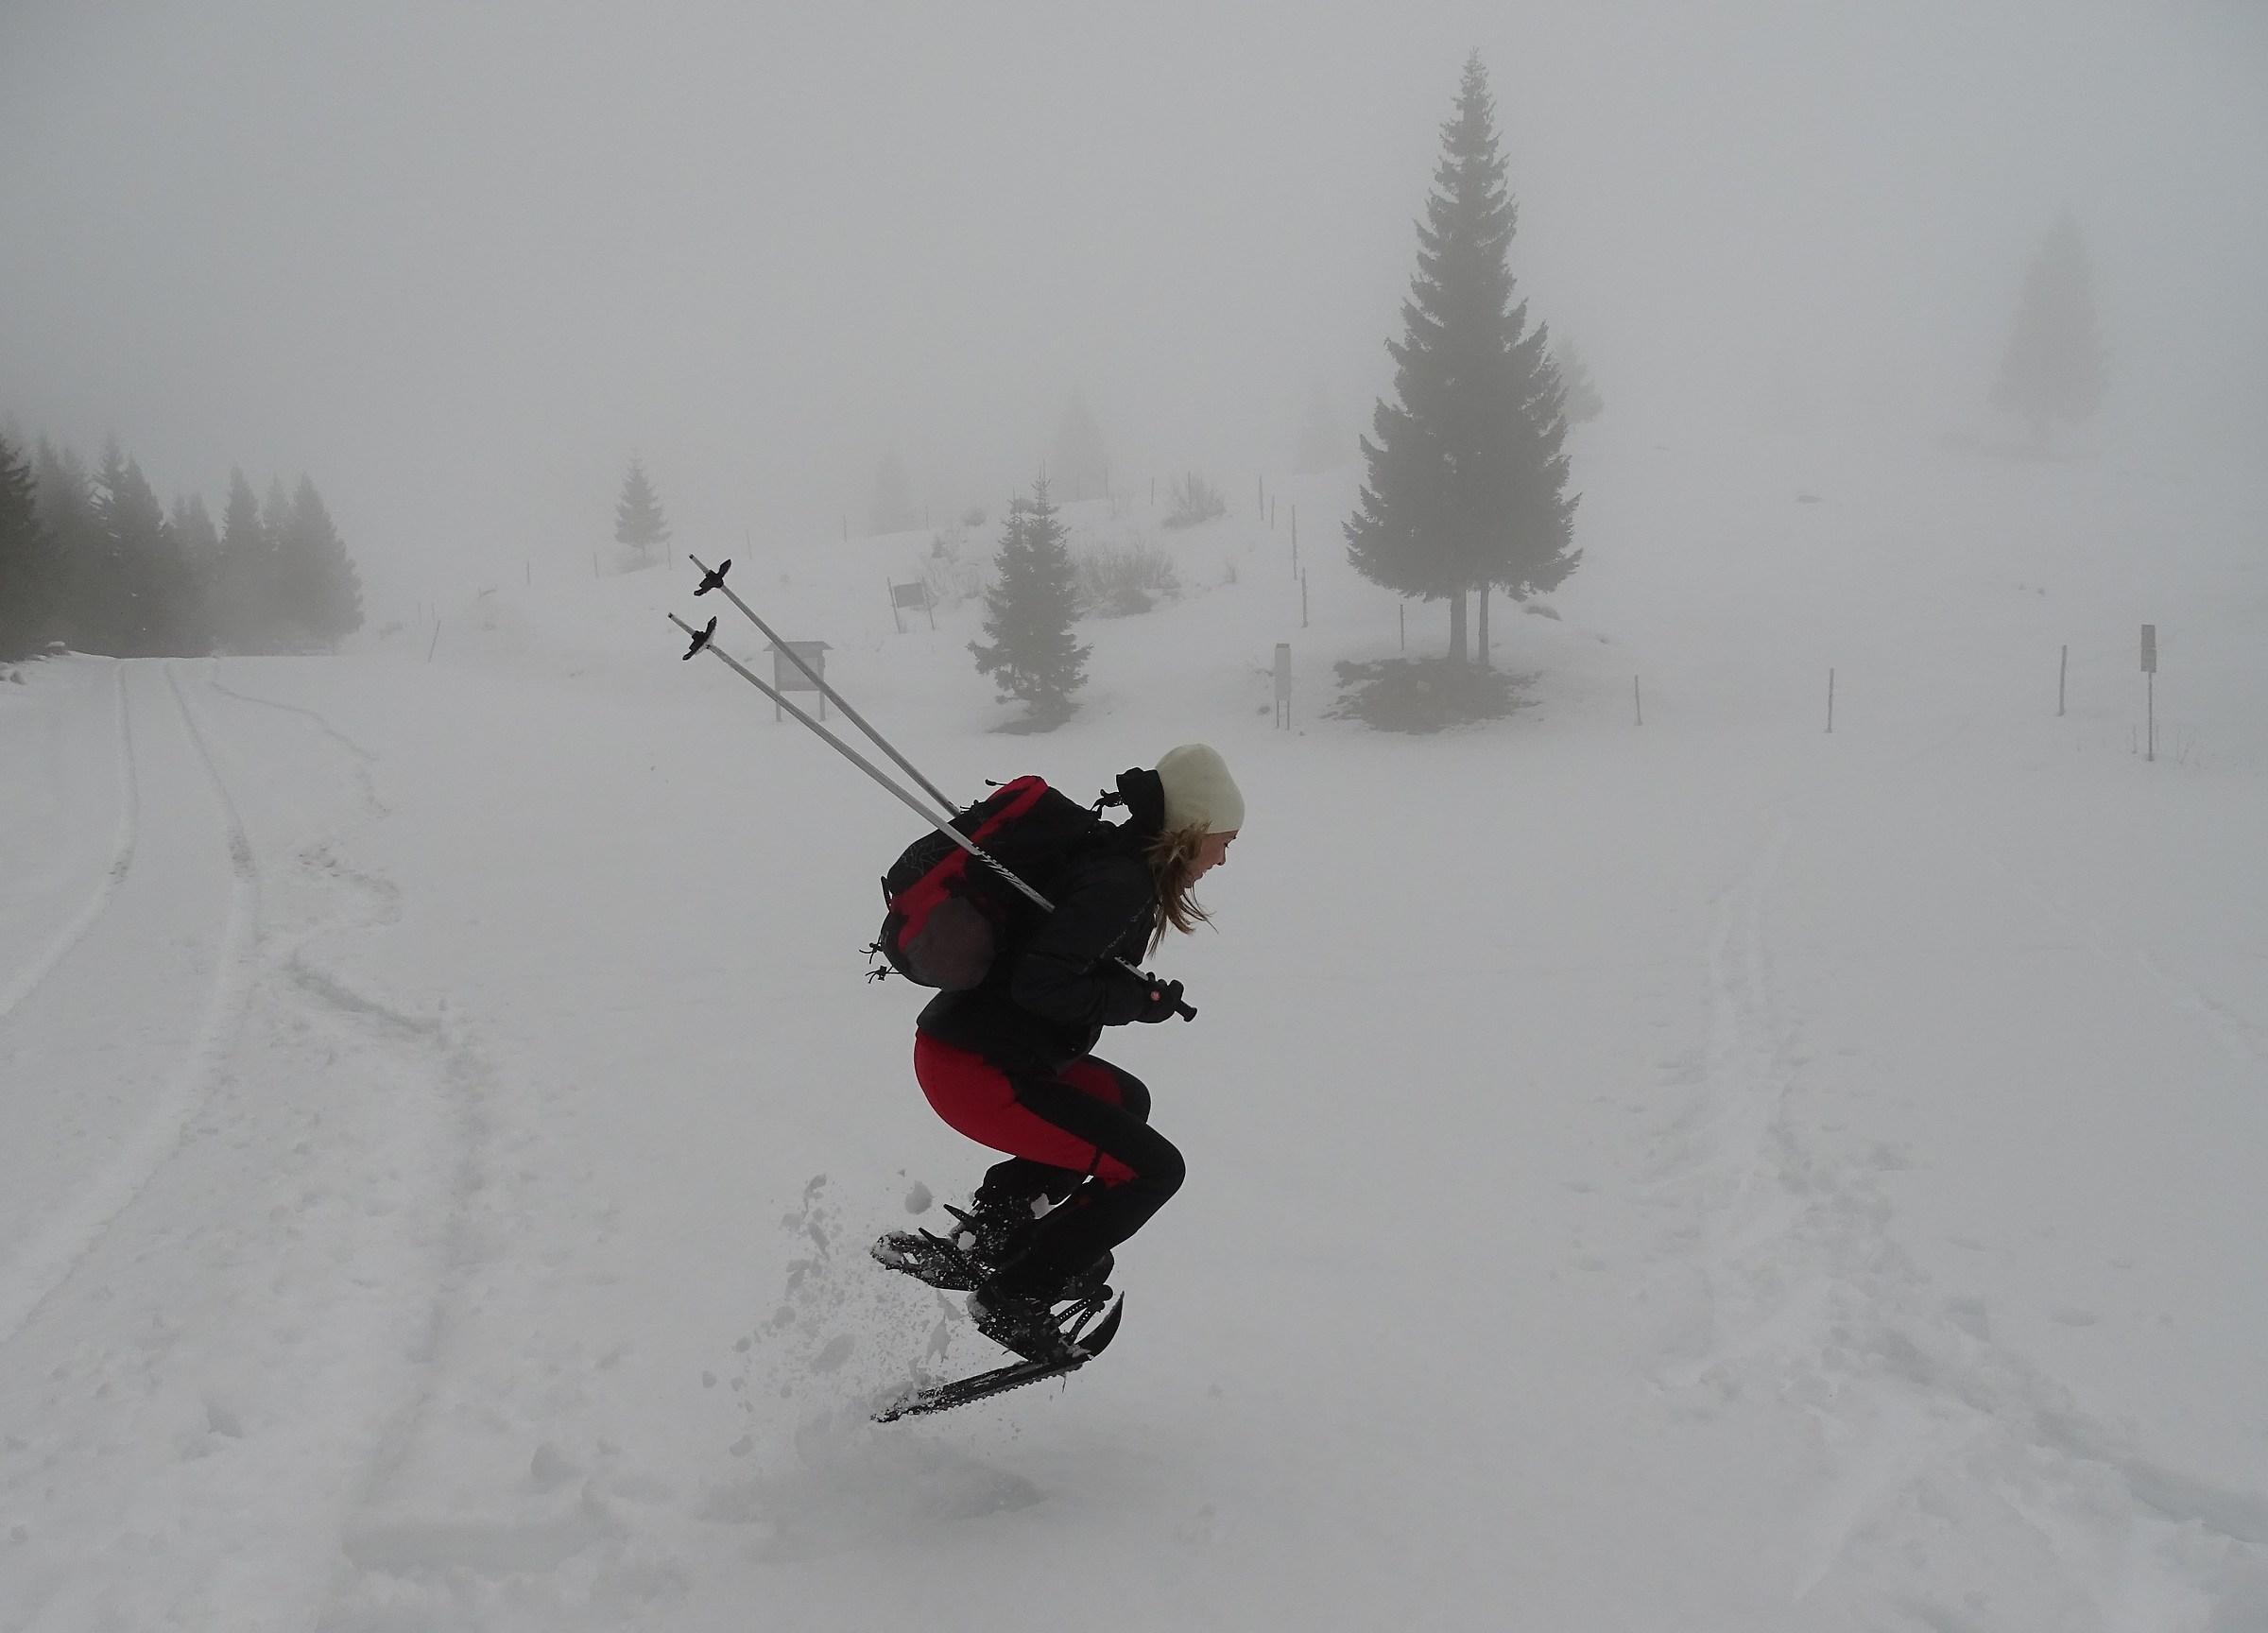 La neve diverte anche i grandi...